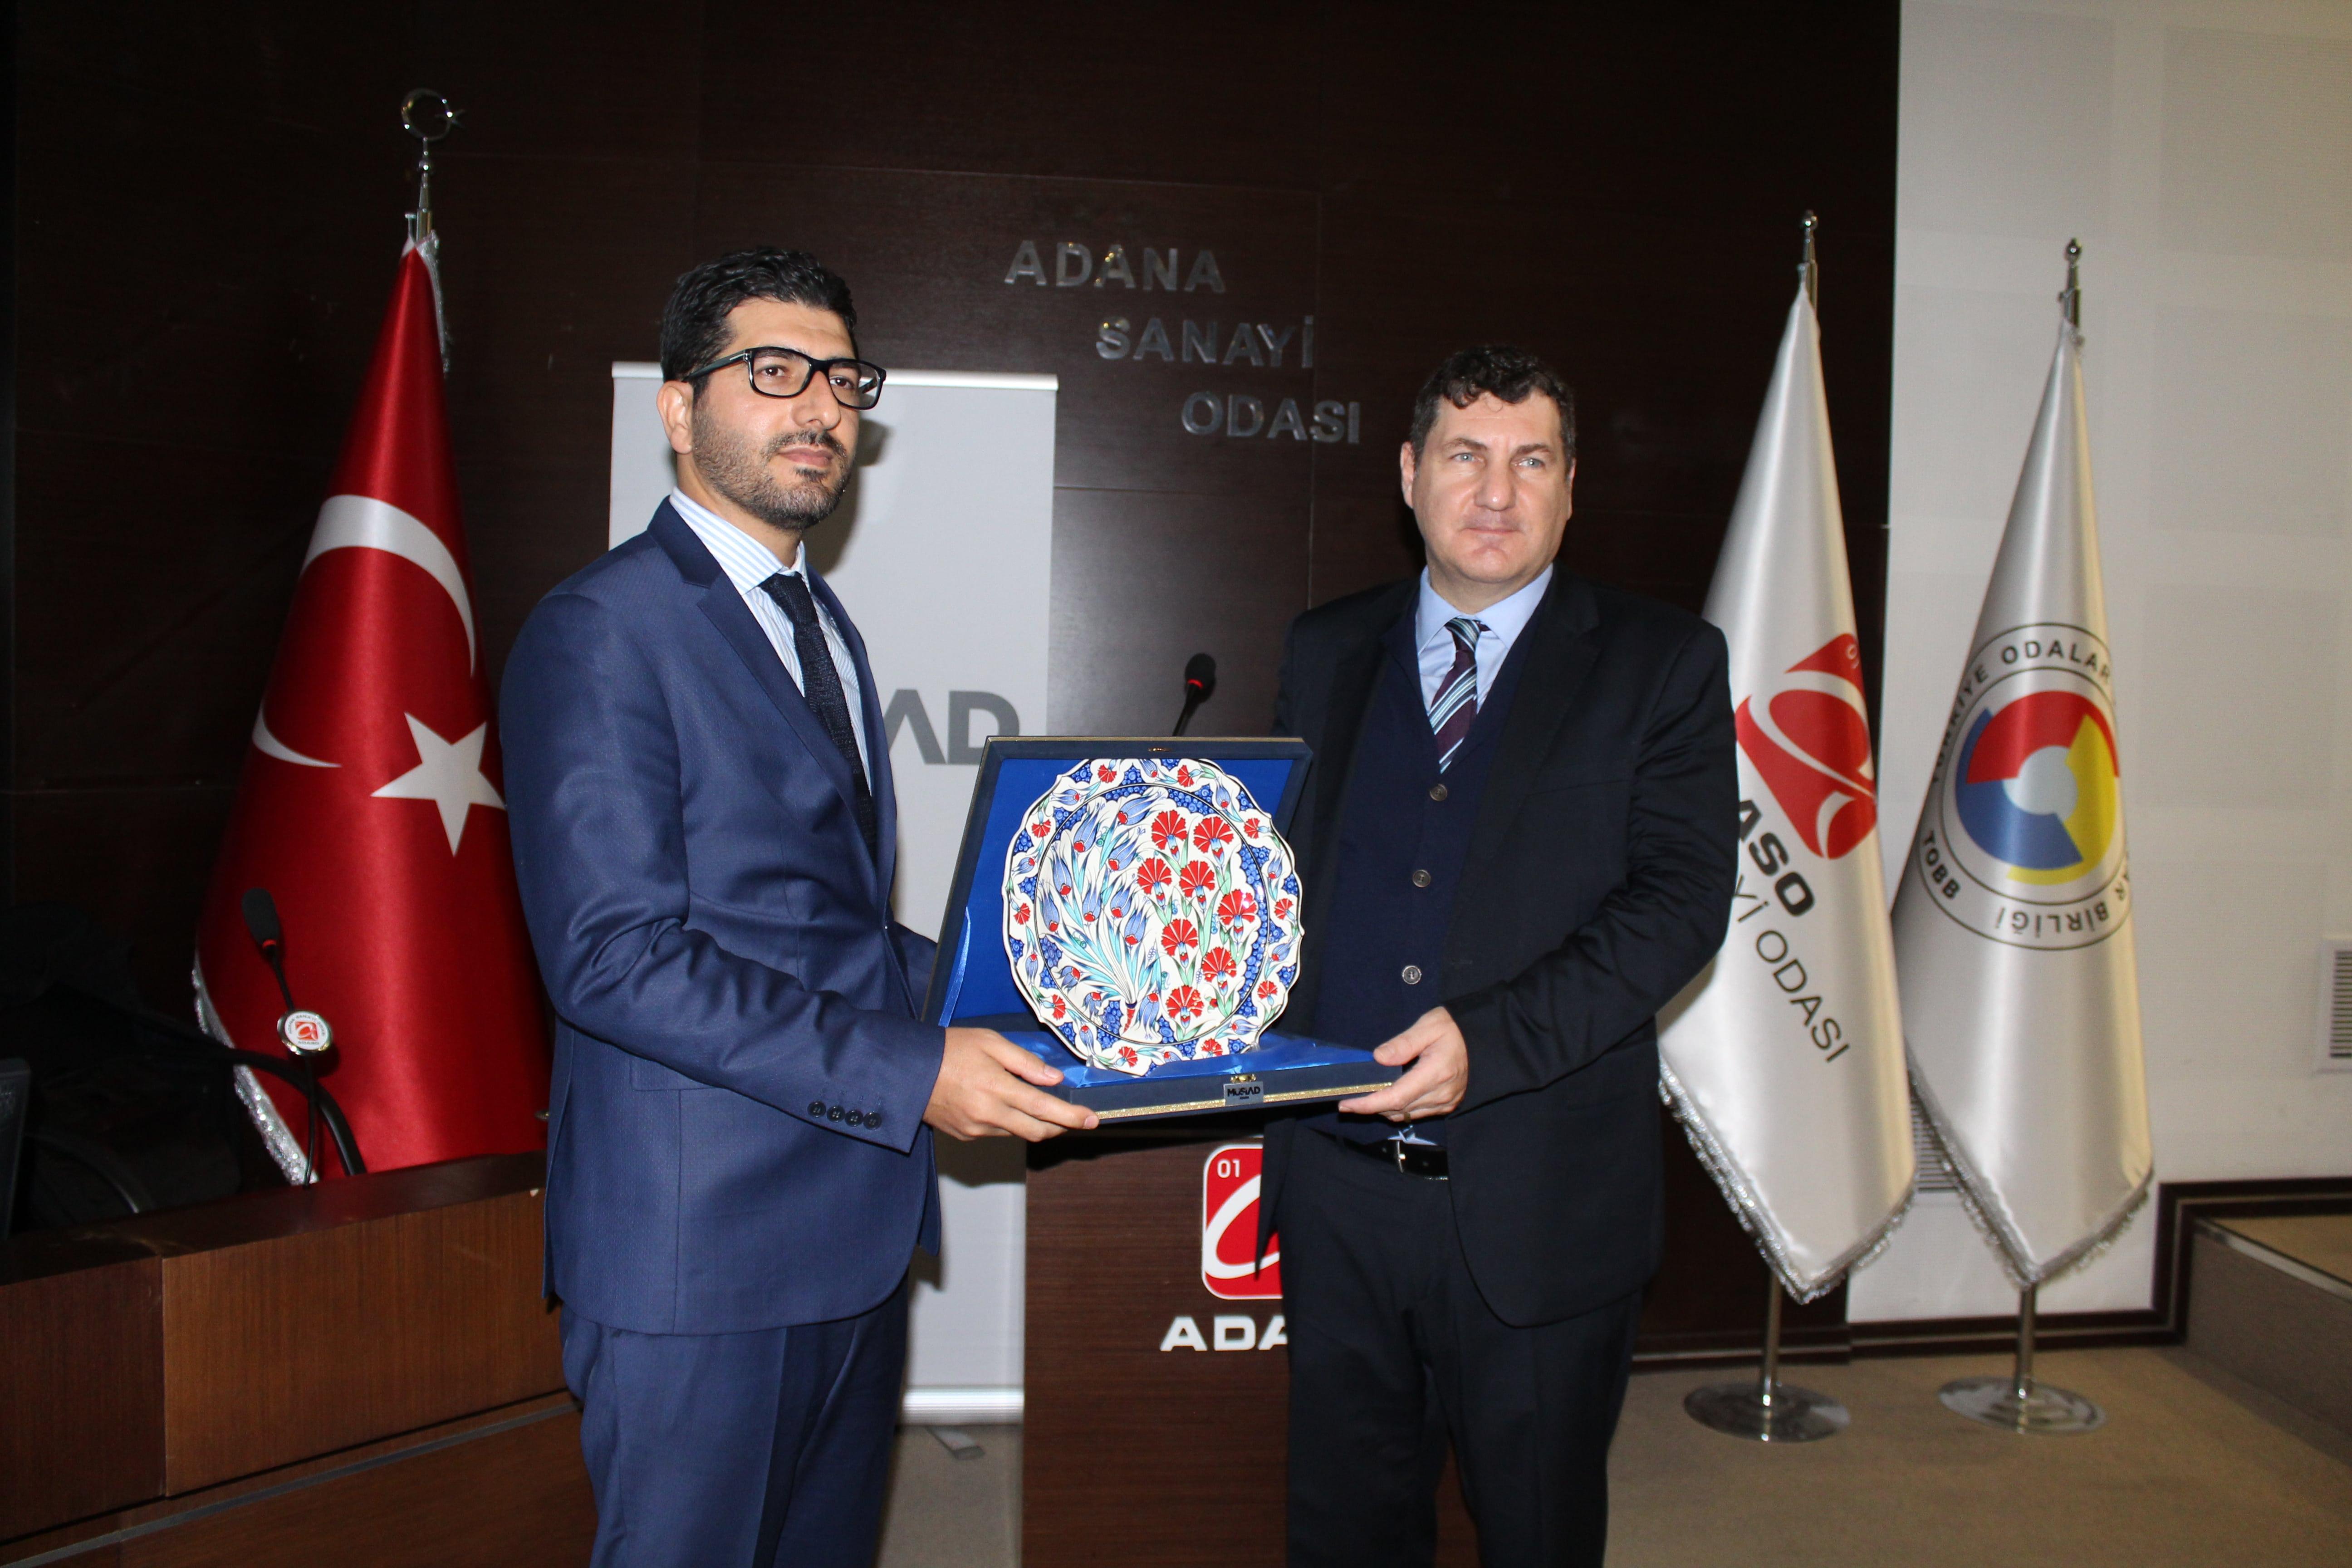 """Prof. Dr. Kerem Alkın MÜSİAD Adana'nın konuğu oldu:  """"2019'da, dışa dönen şirketler kazanacak"""""""